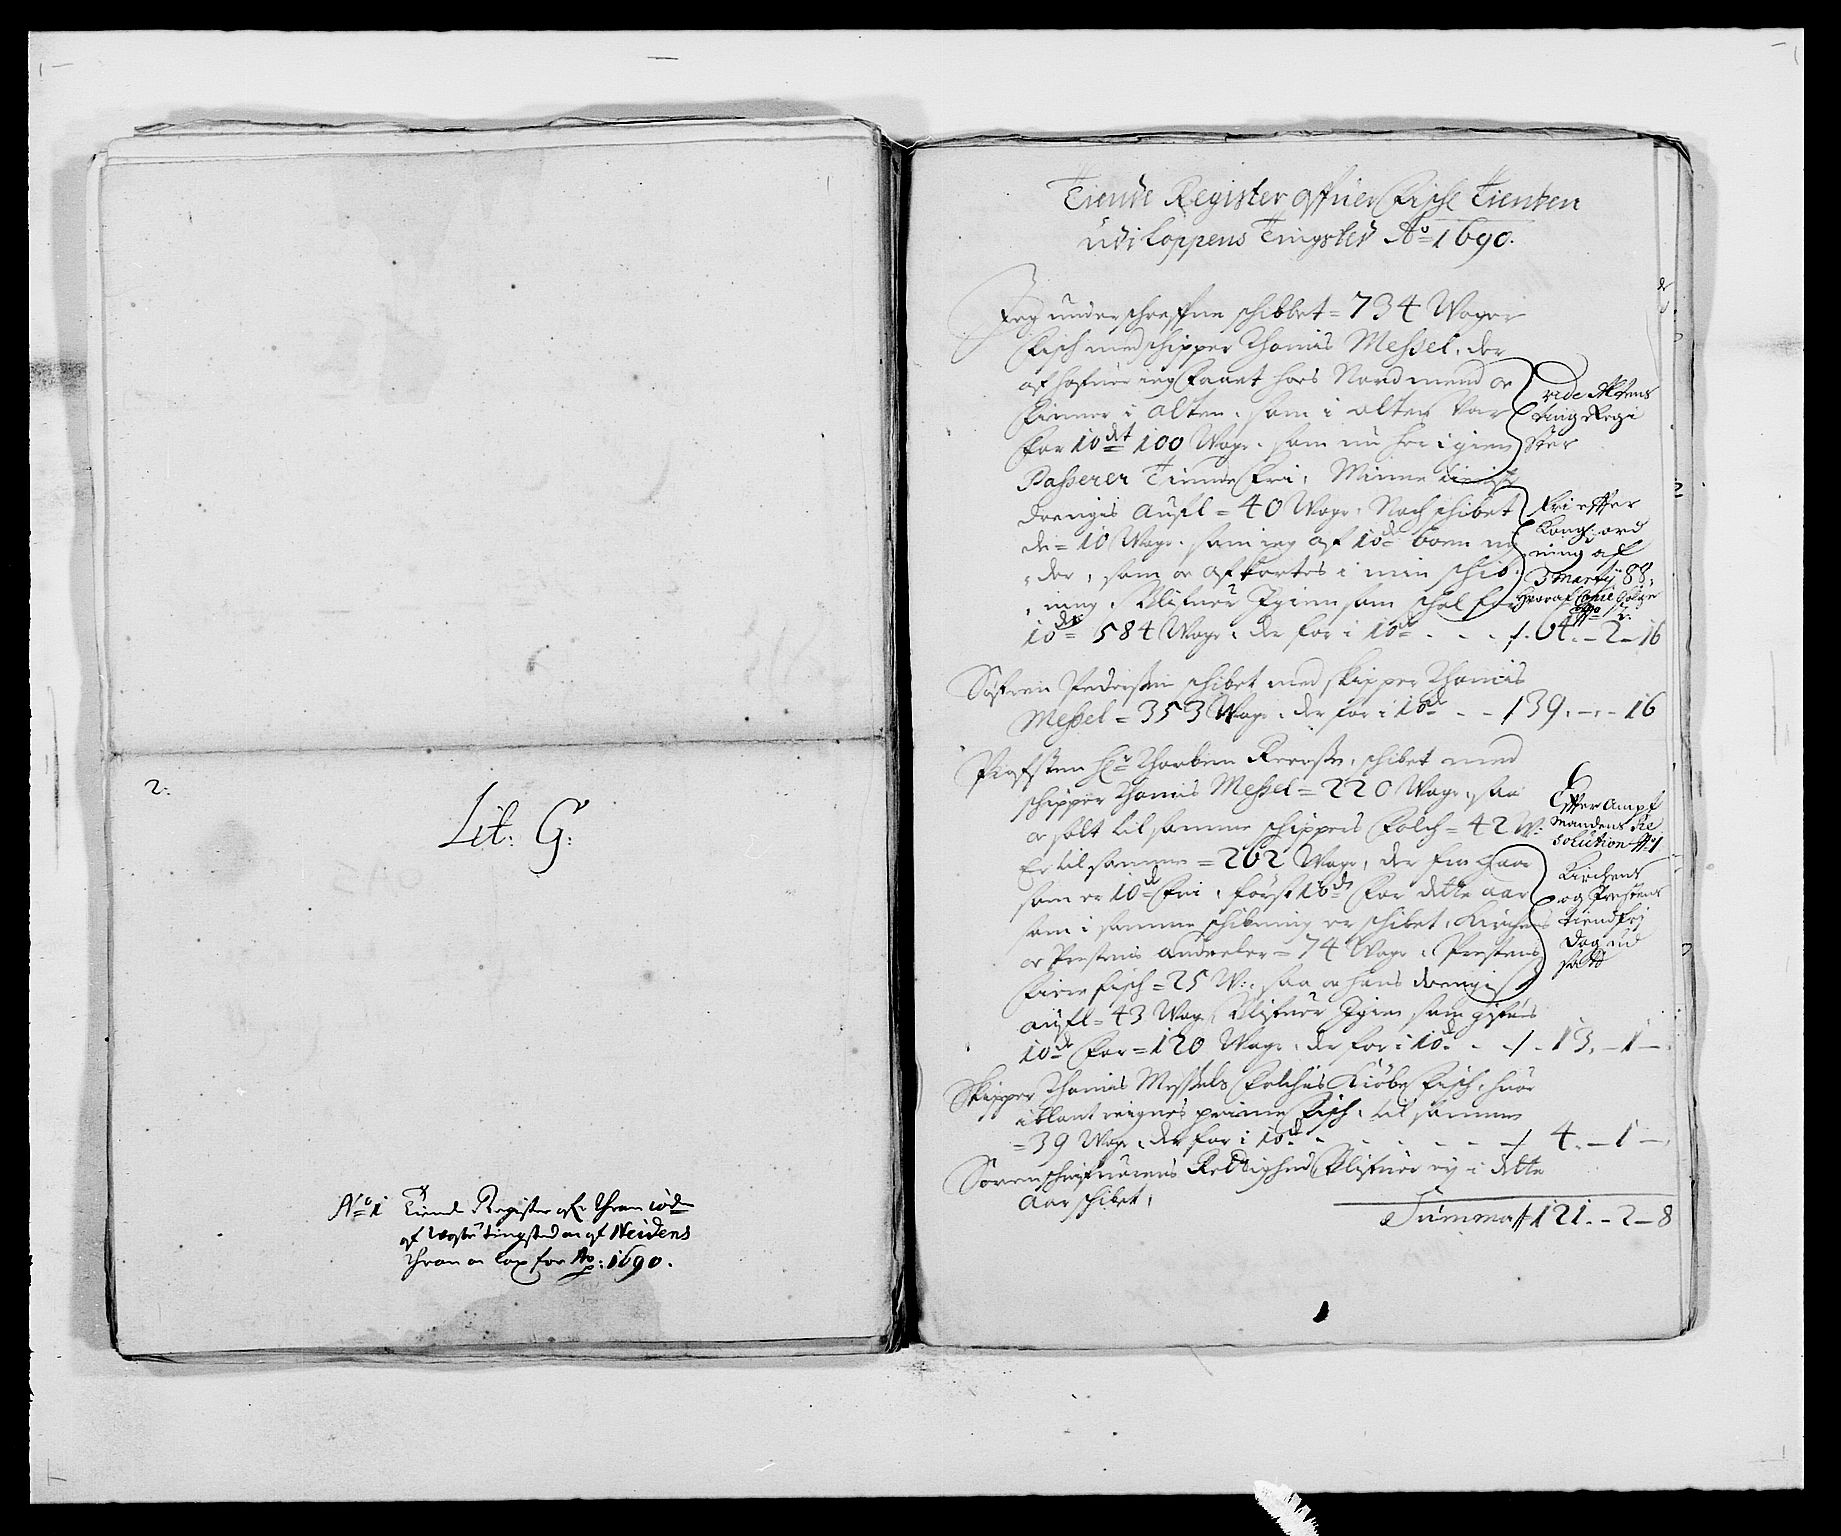 RA, Rentekammeret inntil 1814, Reviderte regnskaper, Fogderegnskap, R69/L4850: Fogderegnskap Finnmark/Vardøhus, 1680-1690, s. 265